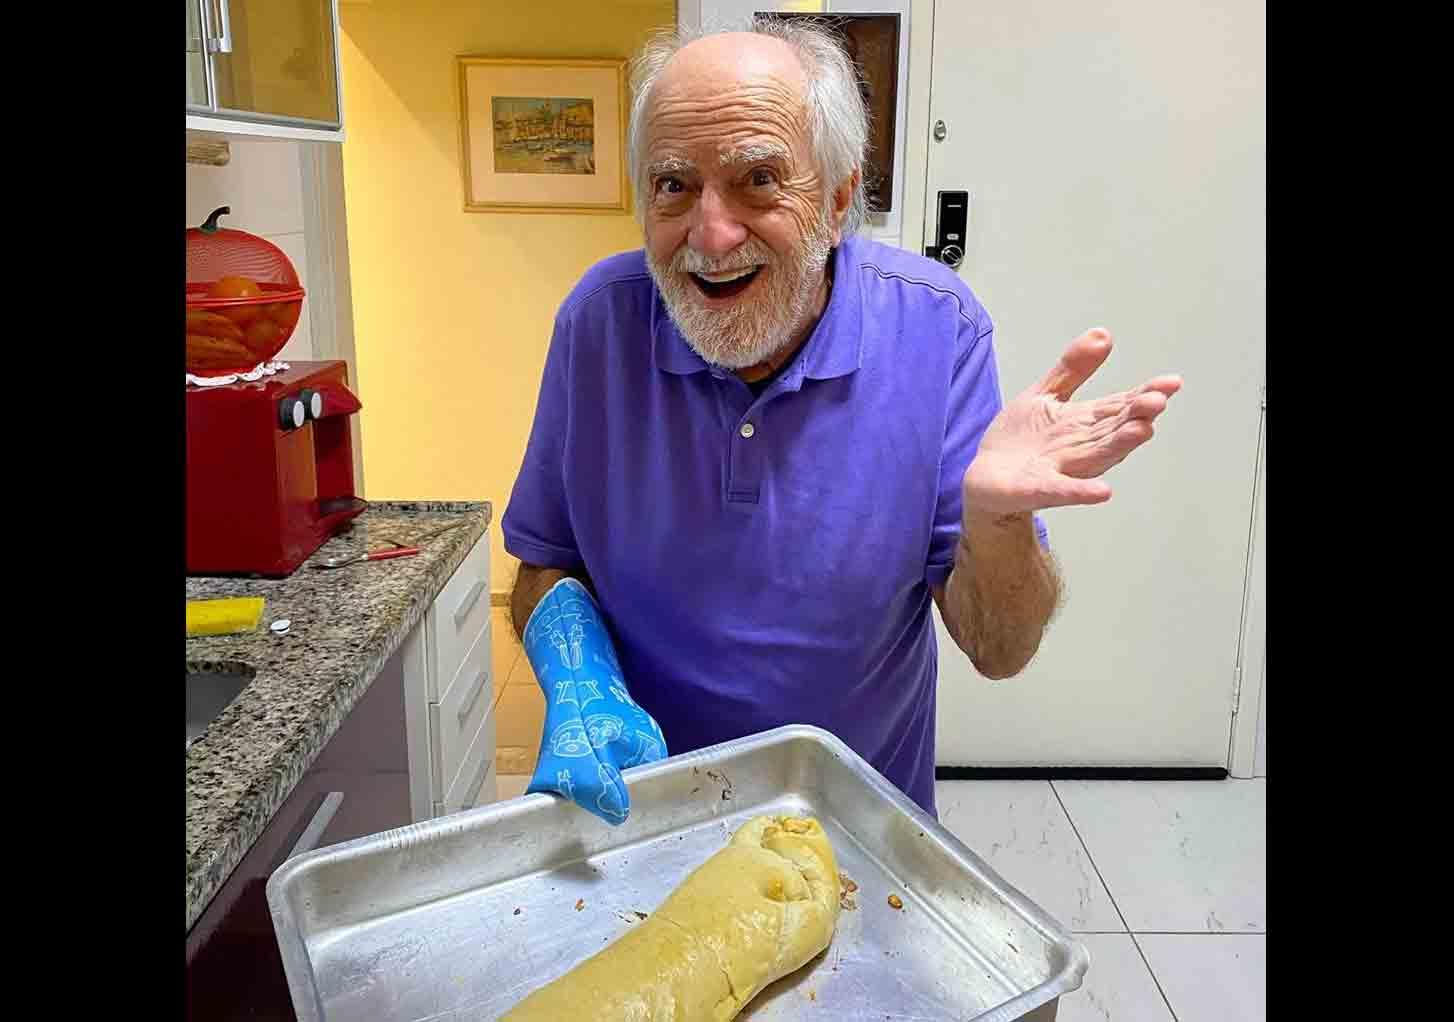 Cozinheiro! Ary Fontoura ensina receita fácil de pão e surpreende fãs: ''Super fácil''. Foto: Instagram